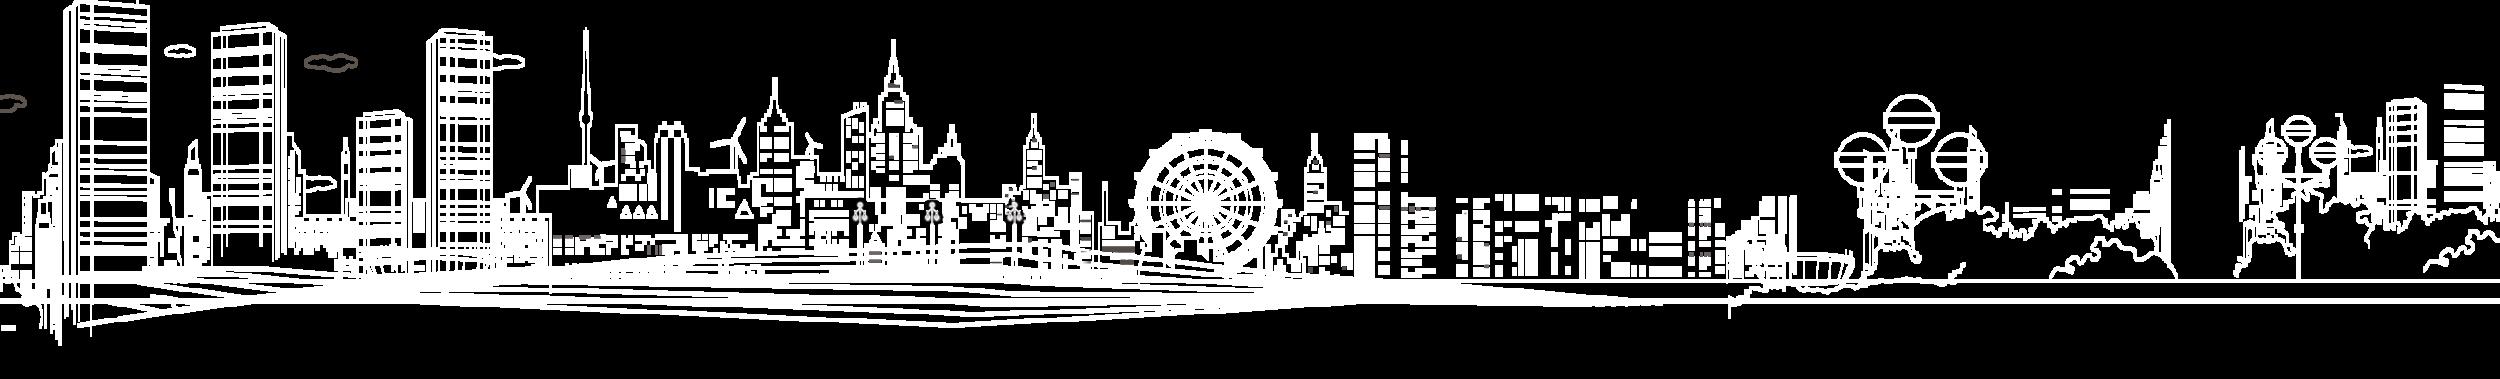 Image-divider-1_v2.png